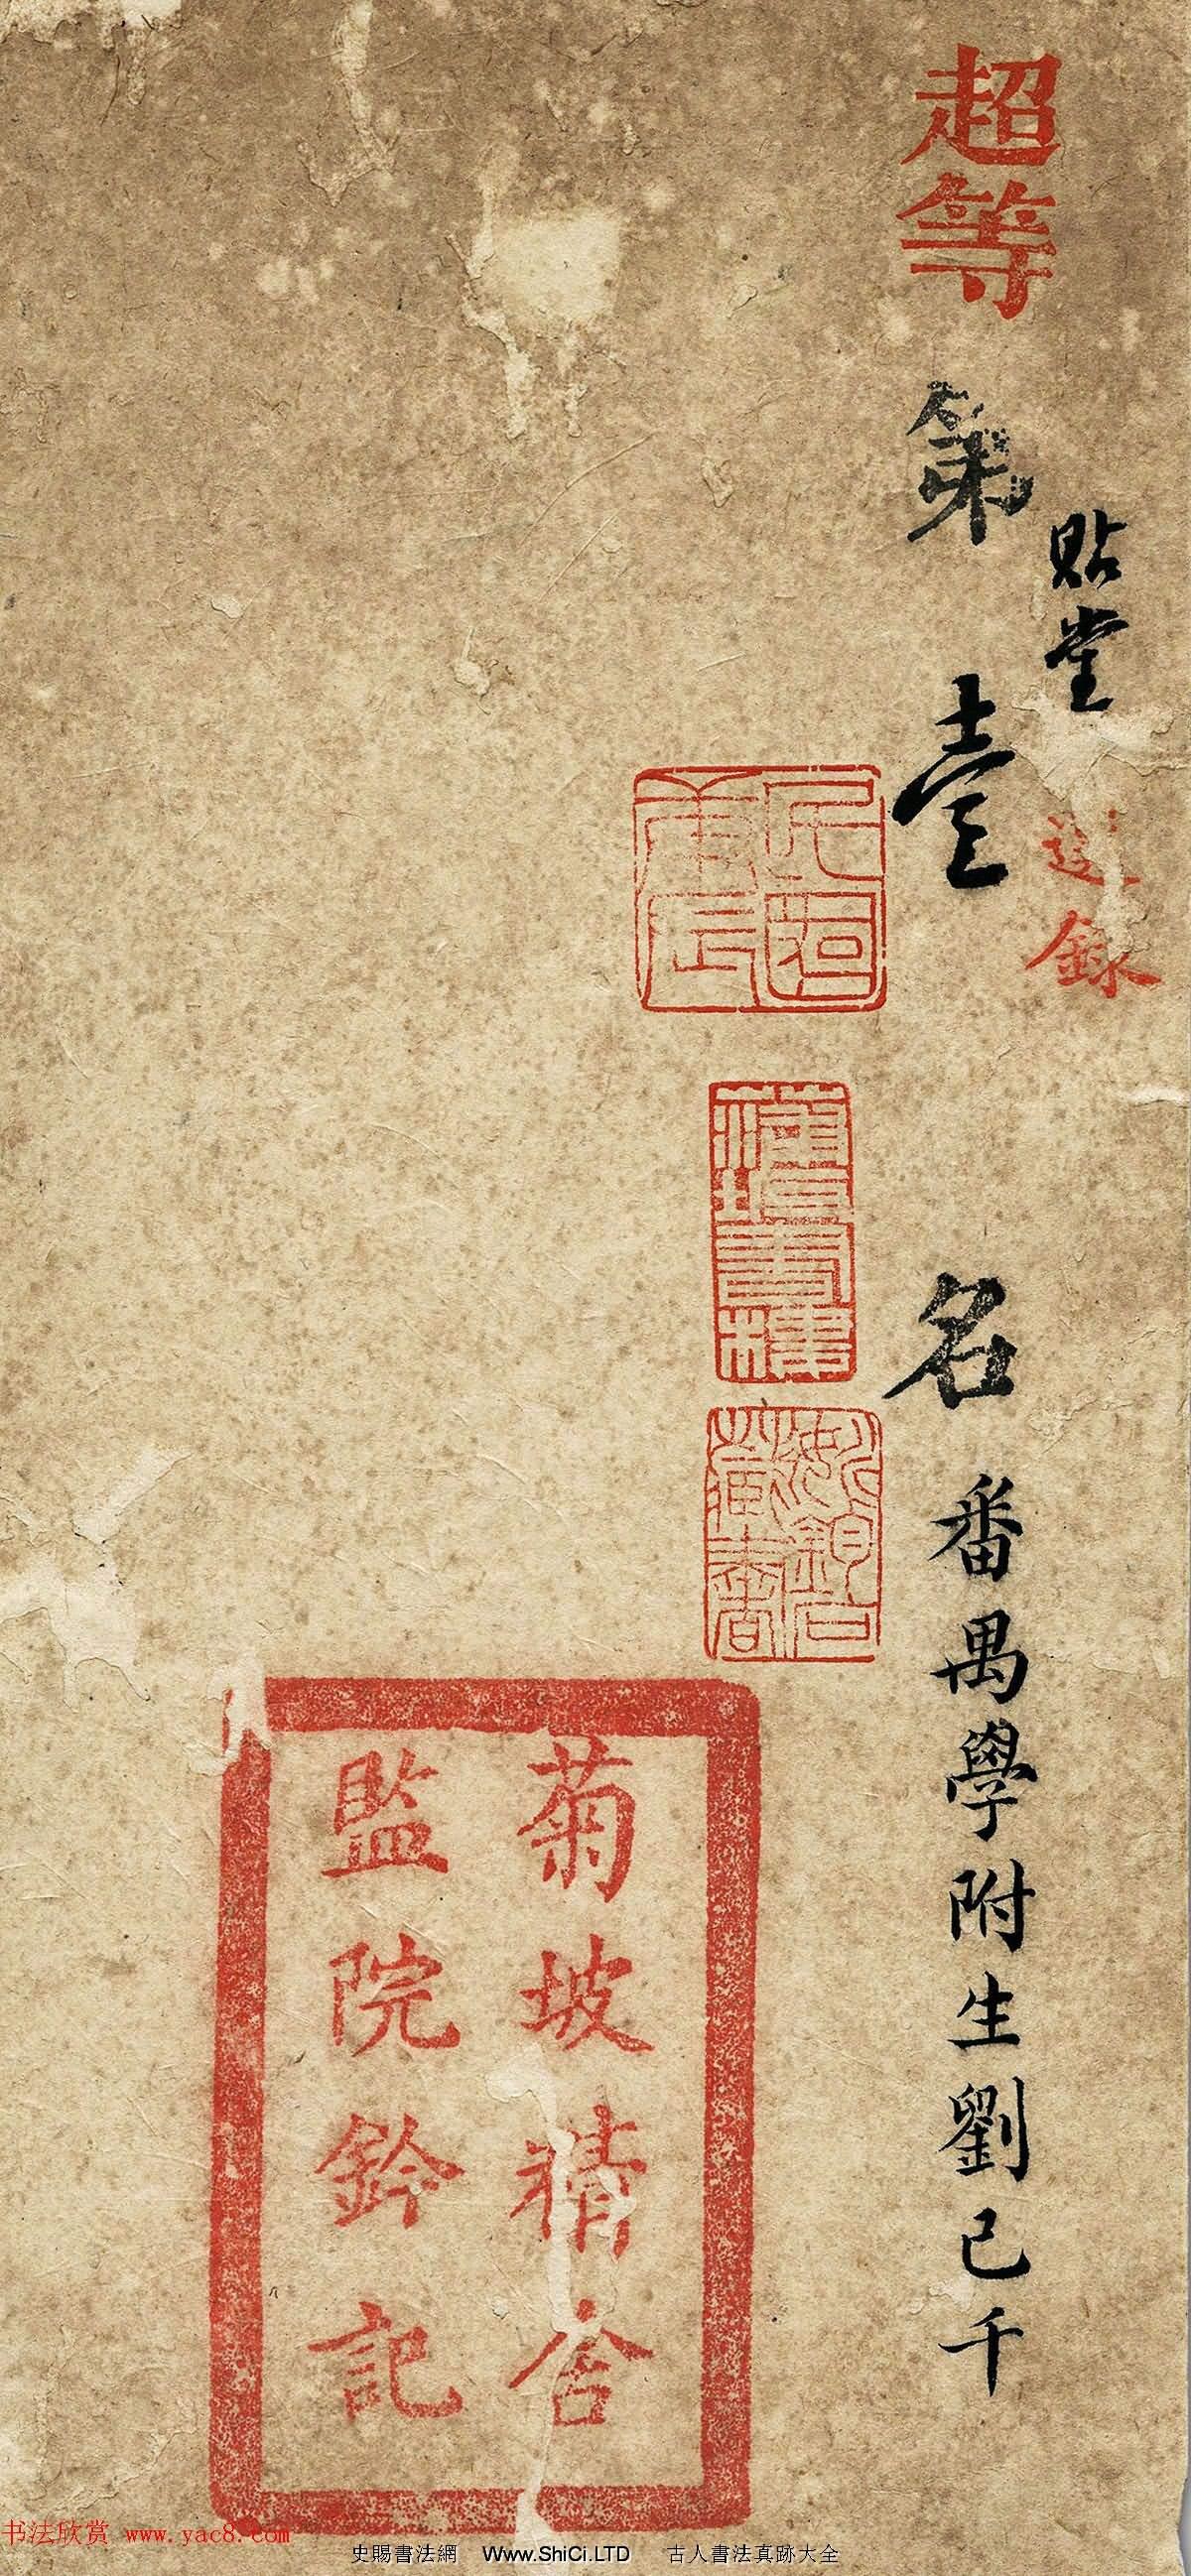 古代科舉珍貴資料《超等第一名劉已千考卷》(共7張圖片)